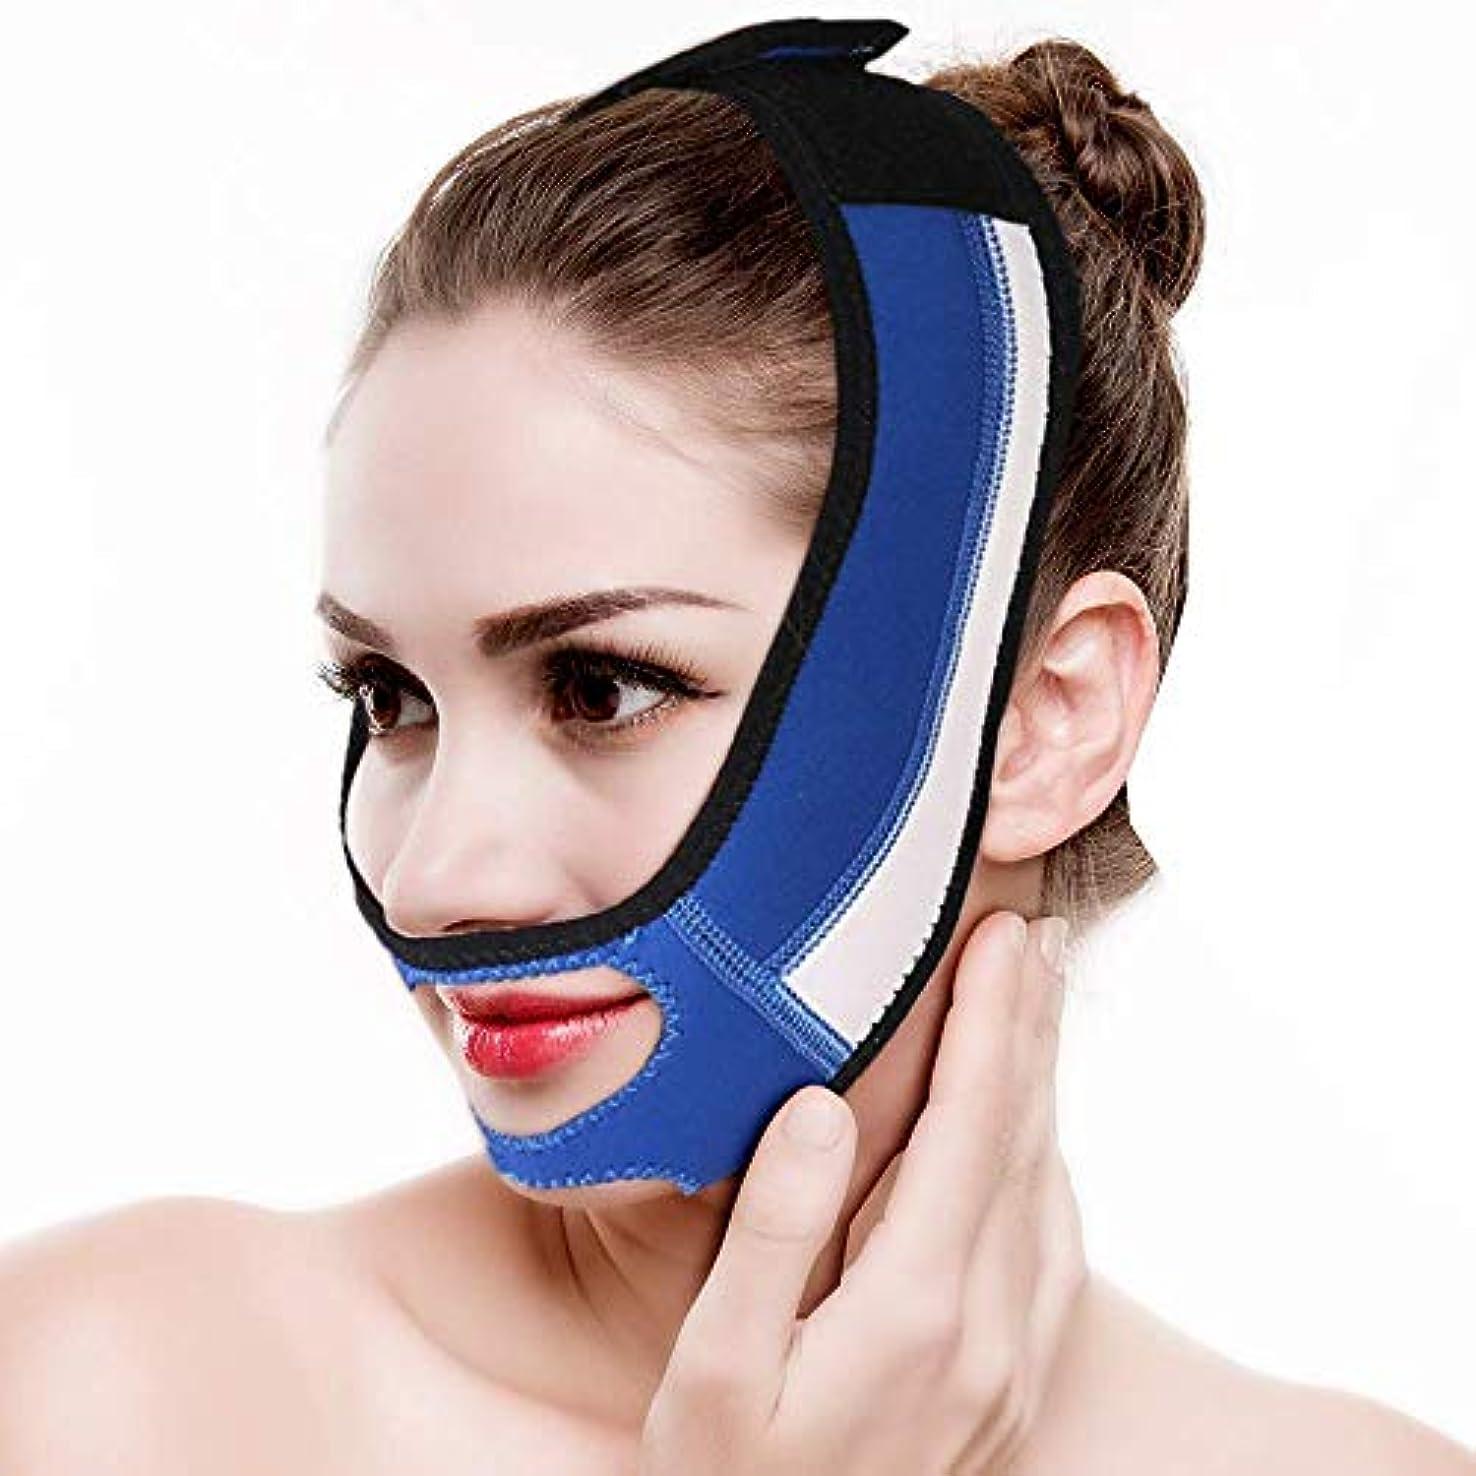 デイジー夫婦課税Vフェイススリミングチークマスク、フェイススリム睡眠のためのストラップベルトを引っ張る口リラクゼーションを削除するスキン包帯二重あごを締め持ち上げ